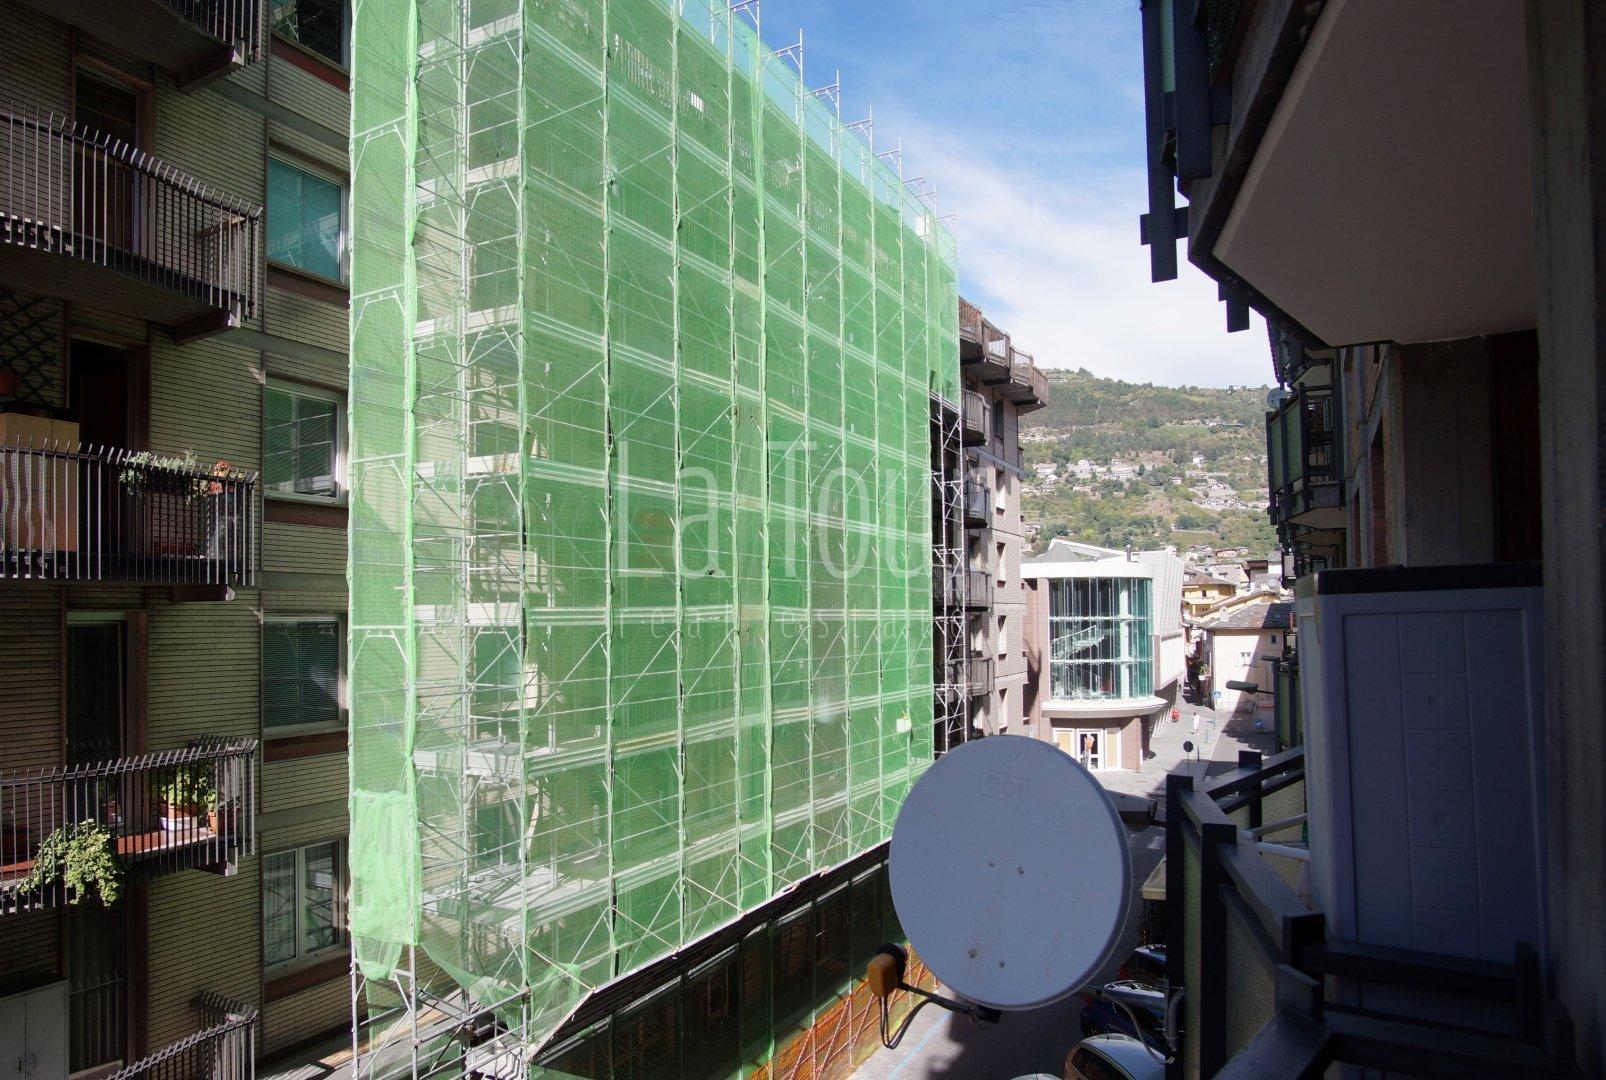 via Trottechien vista dal balcone